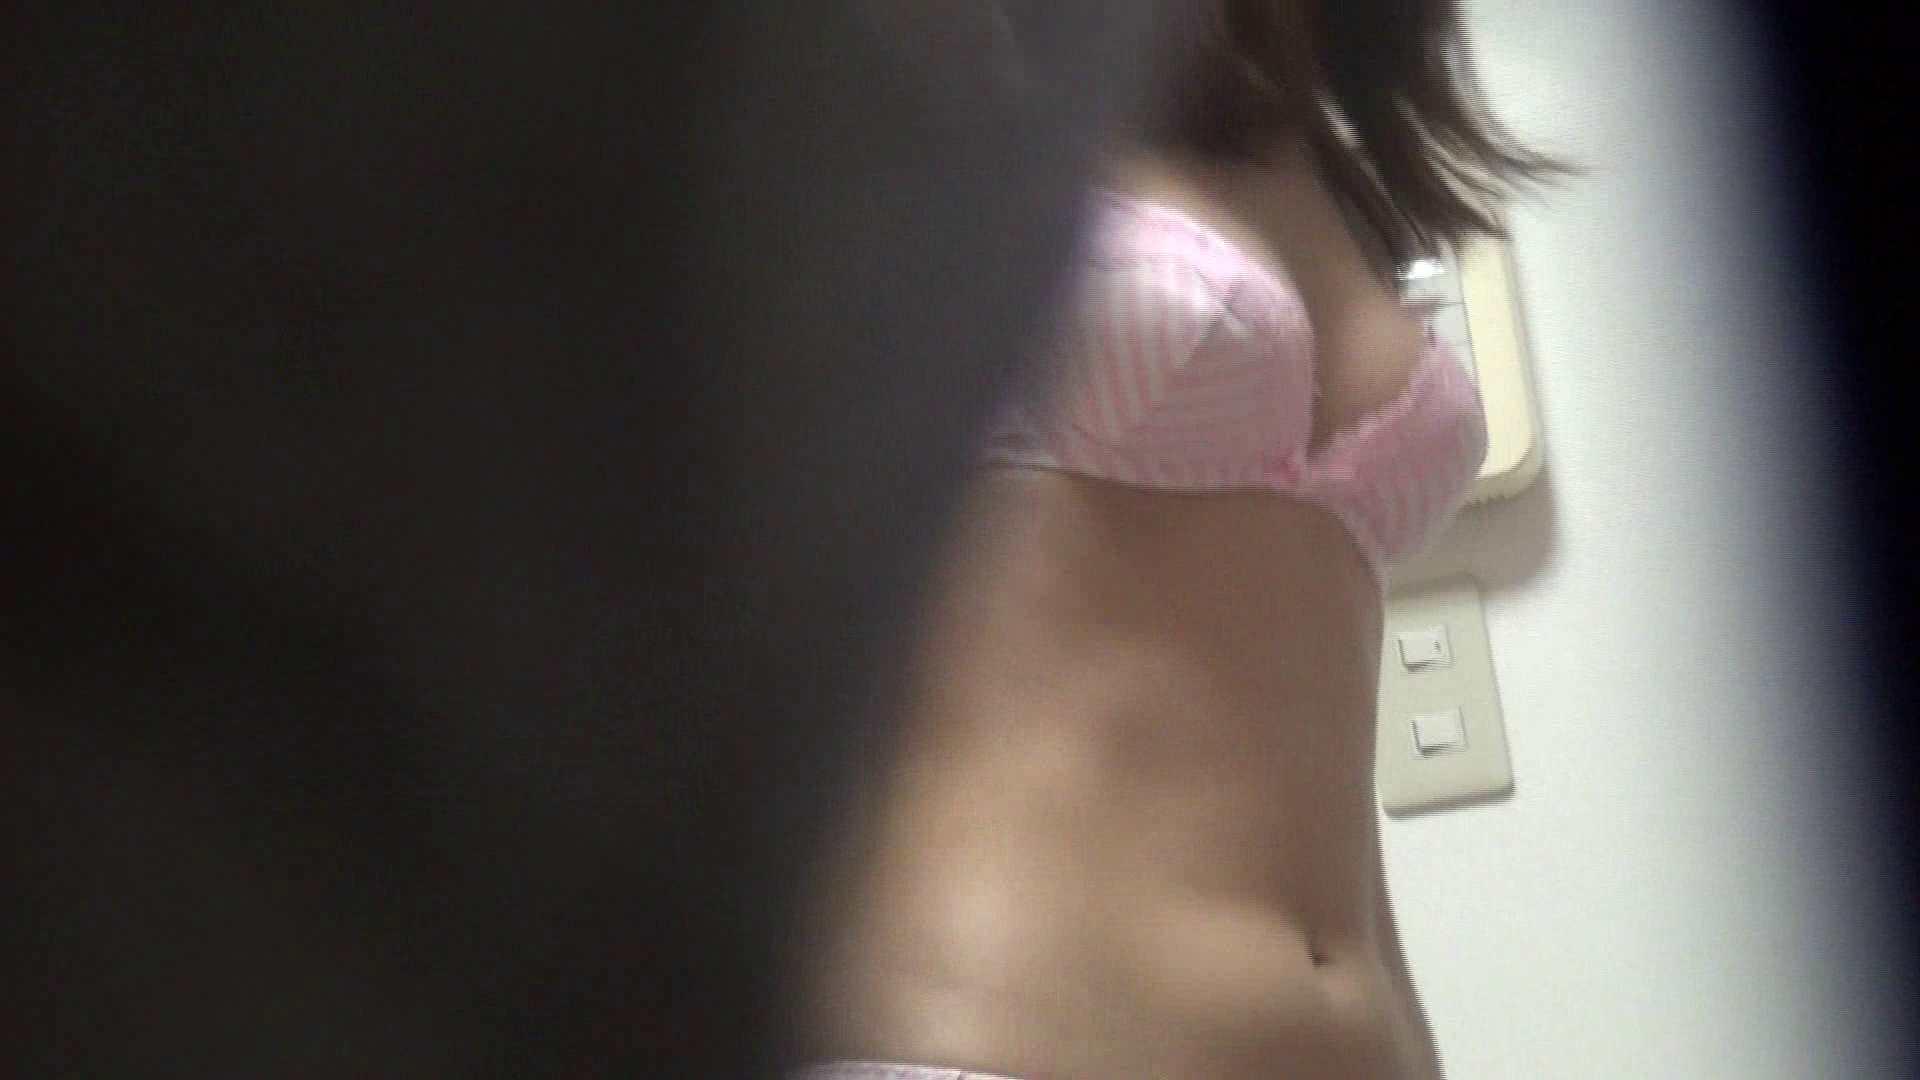 【05】仕事が忙しくて・・・久しぶりにベランダで待ち伏せ 盗撮  59PIX 36